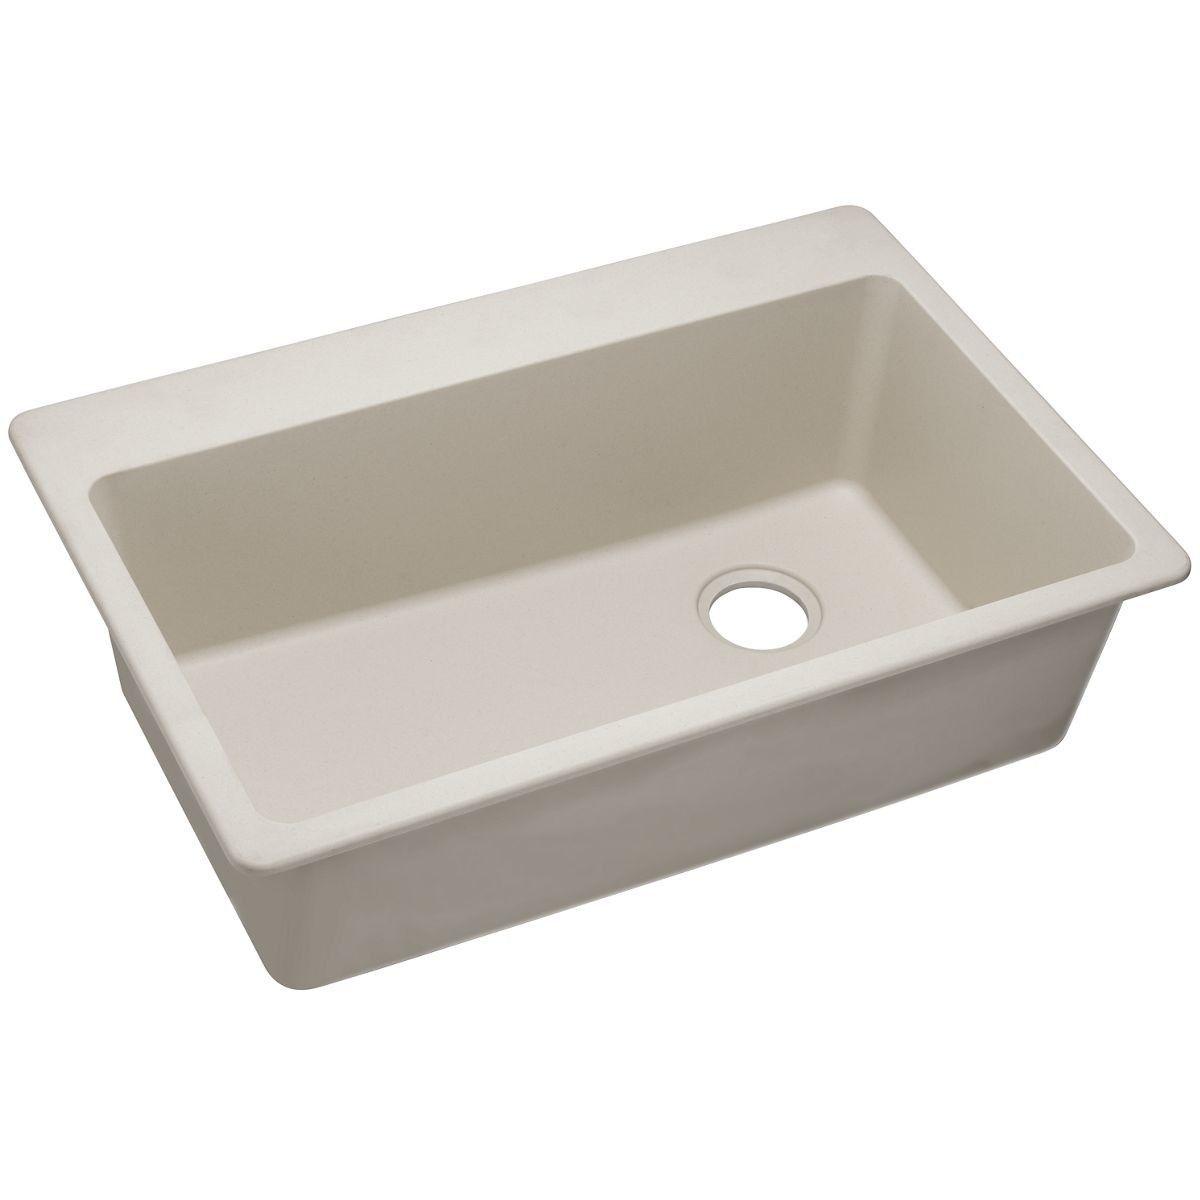 Quartz Classic 33 L X 22 W Drop In Kitchen Sink Sink Single